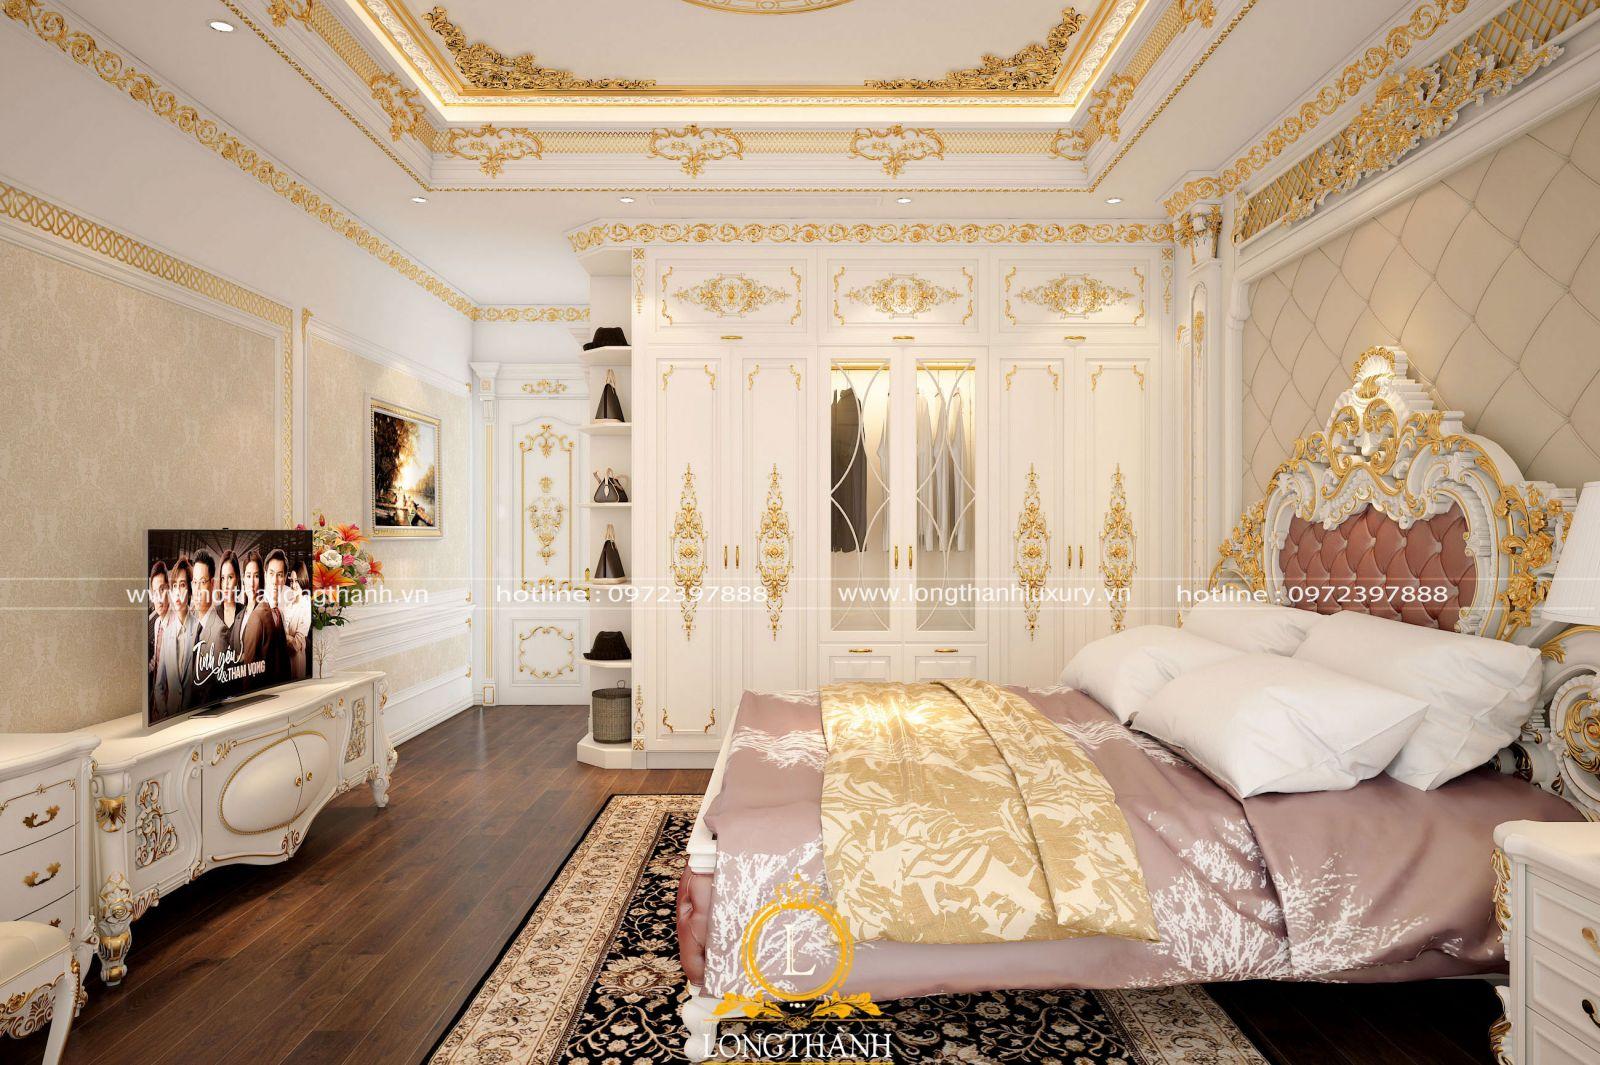 Những món đồ trang trí phù hợp cho phòng cưới thêm quyến rũ